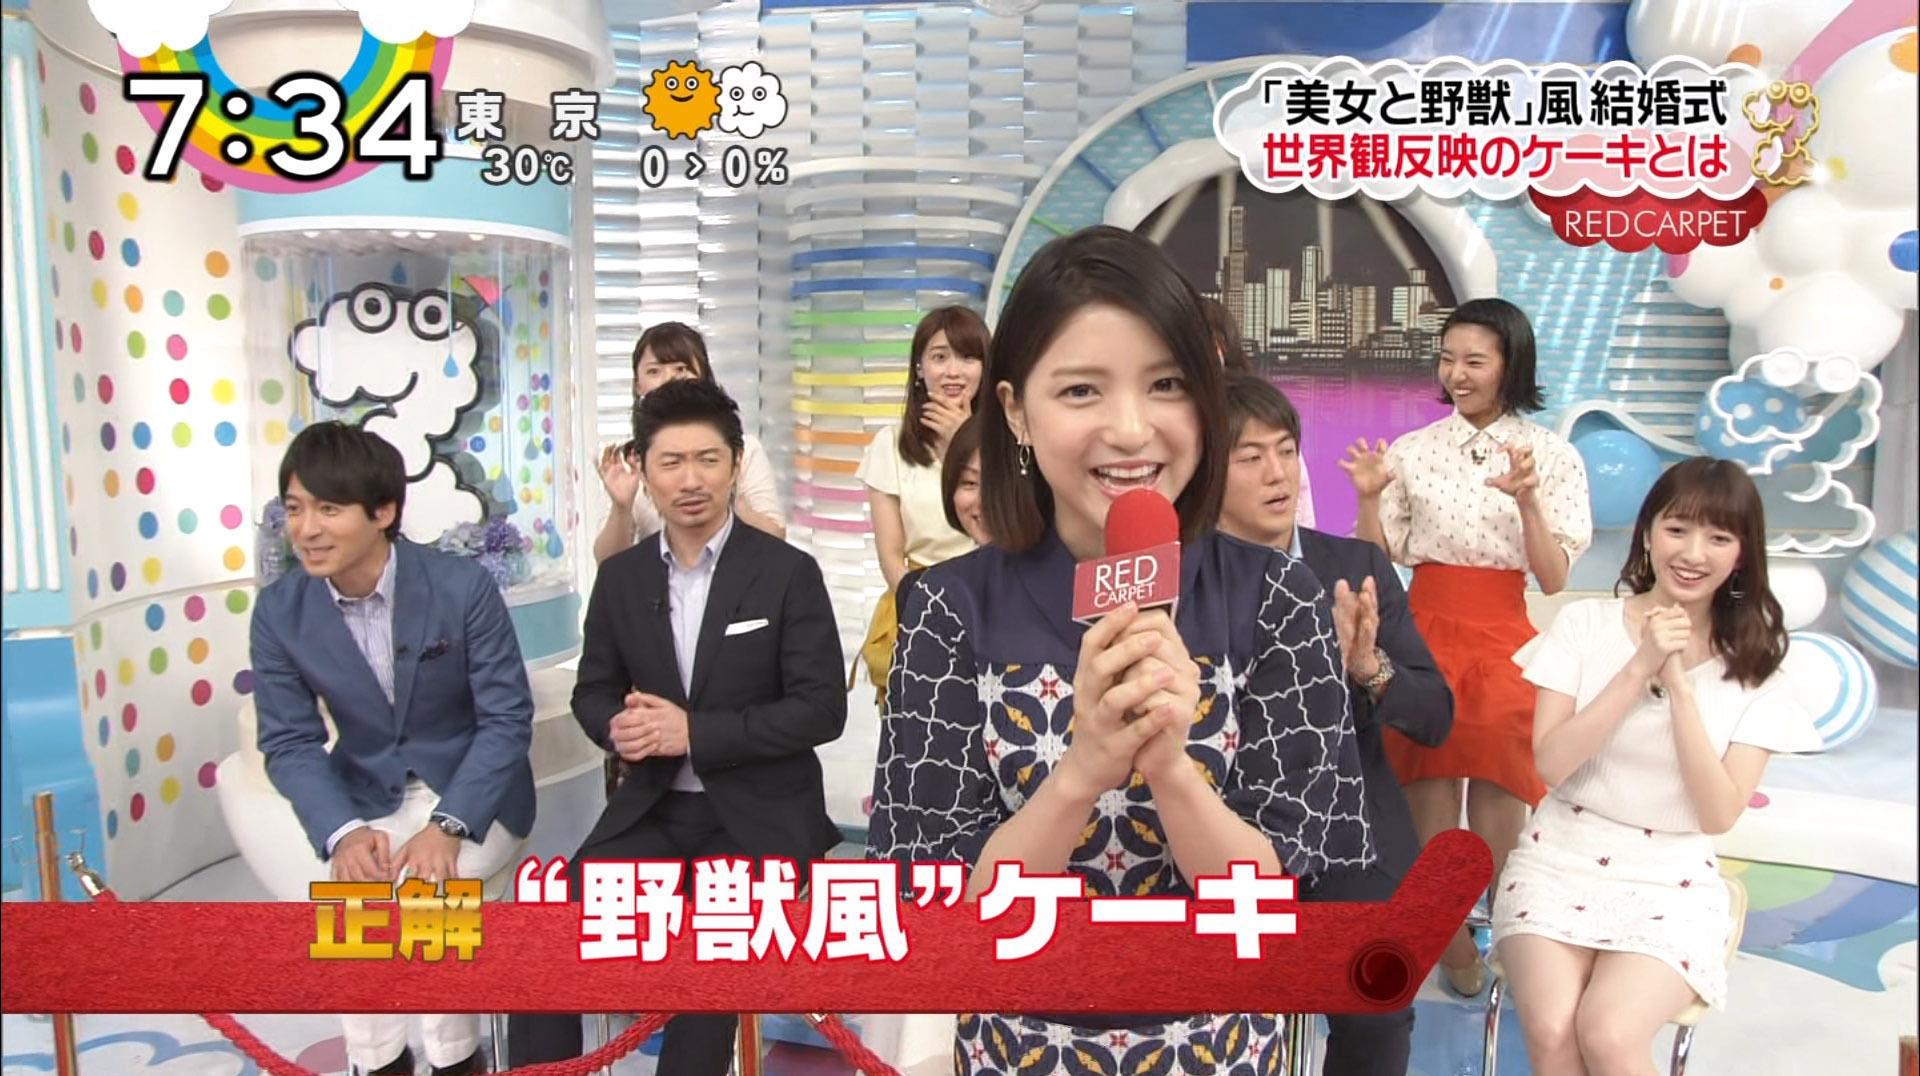 團遥香(ZIP!キャスター)が超ミニスカ!